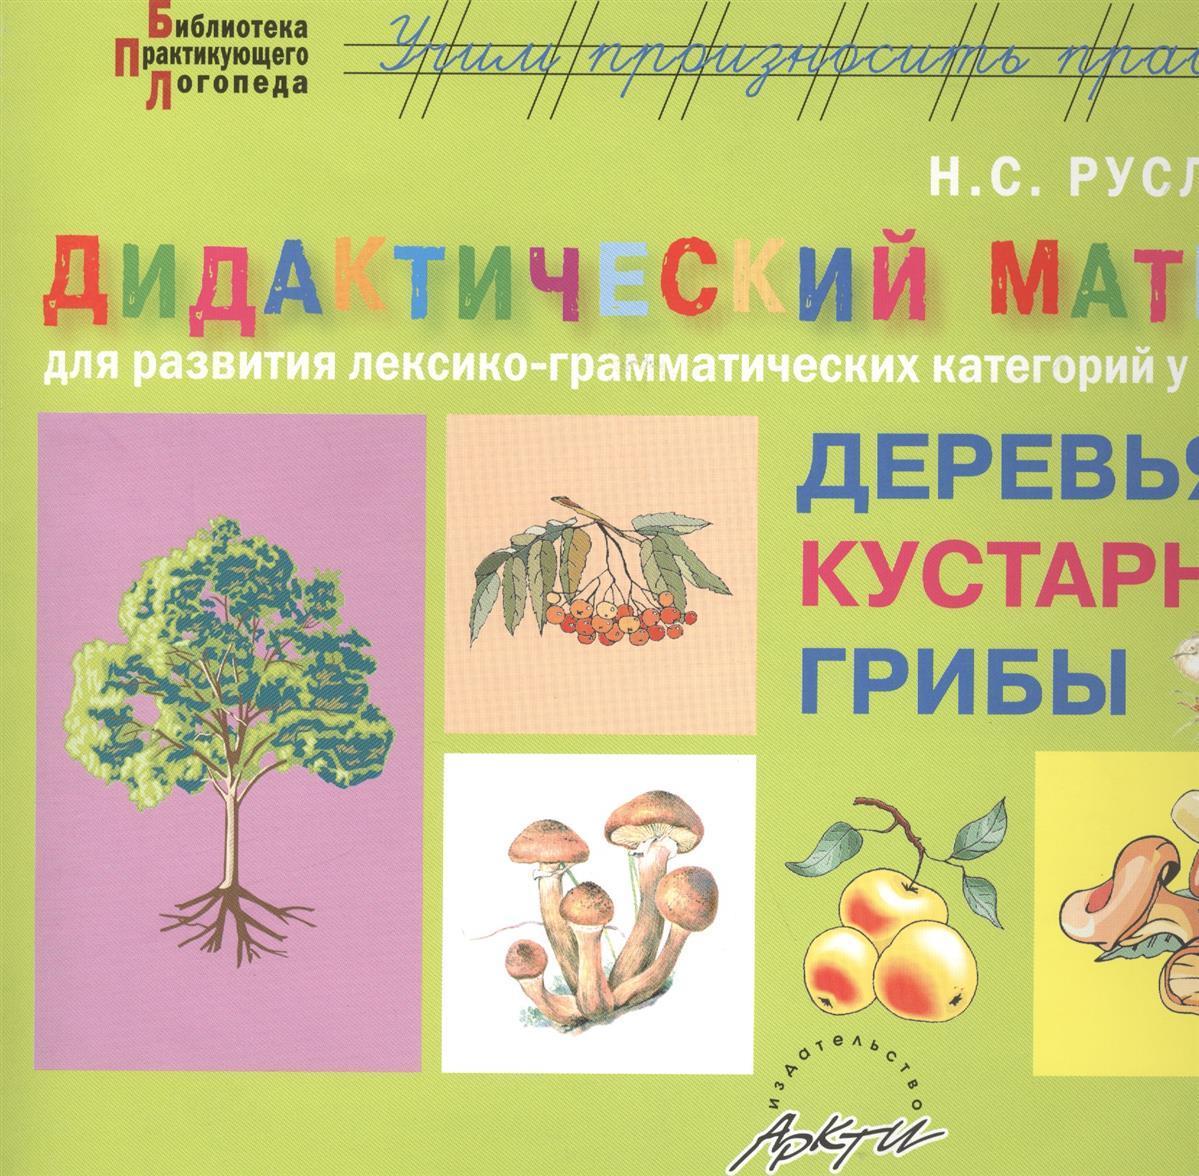 Русланова Н. Дидактический материал для развития лексико-грамматических категорий у детей 5-7 лет. Деревья, кустарники, грибы цены